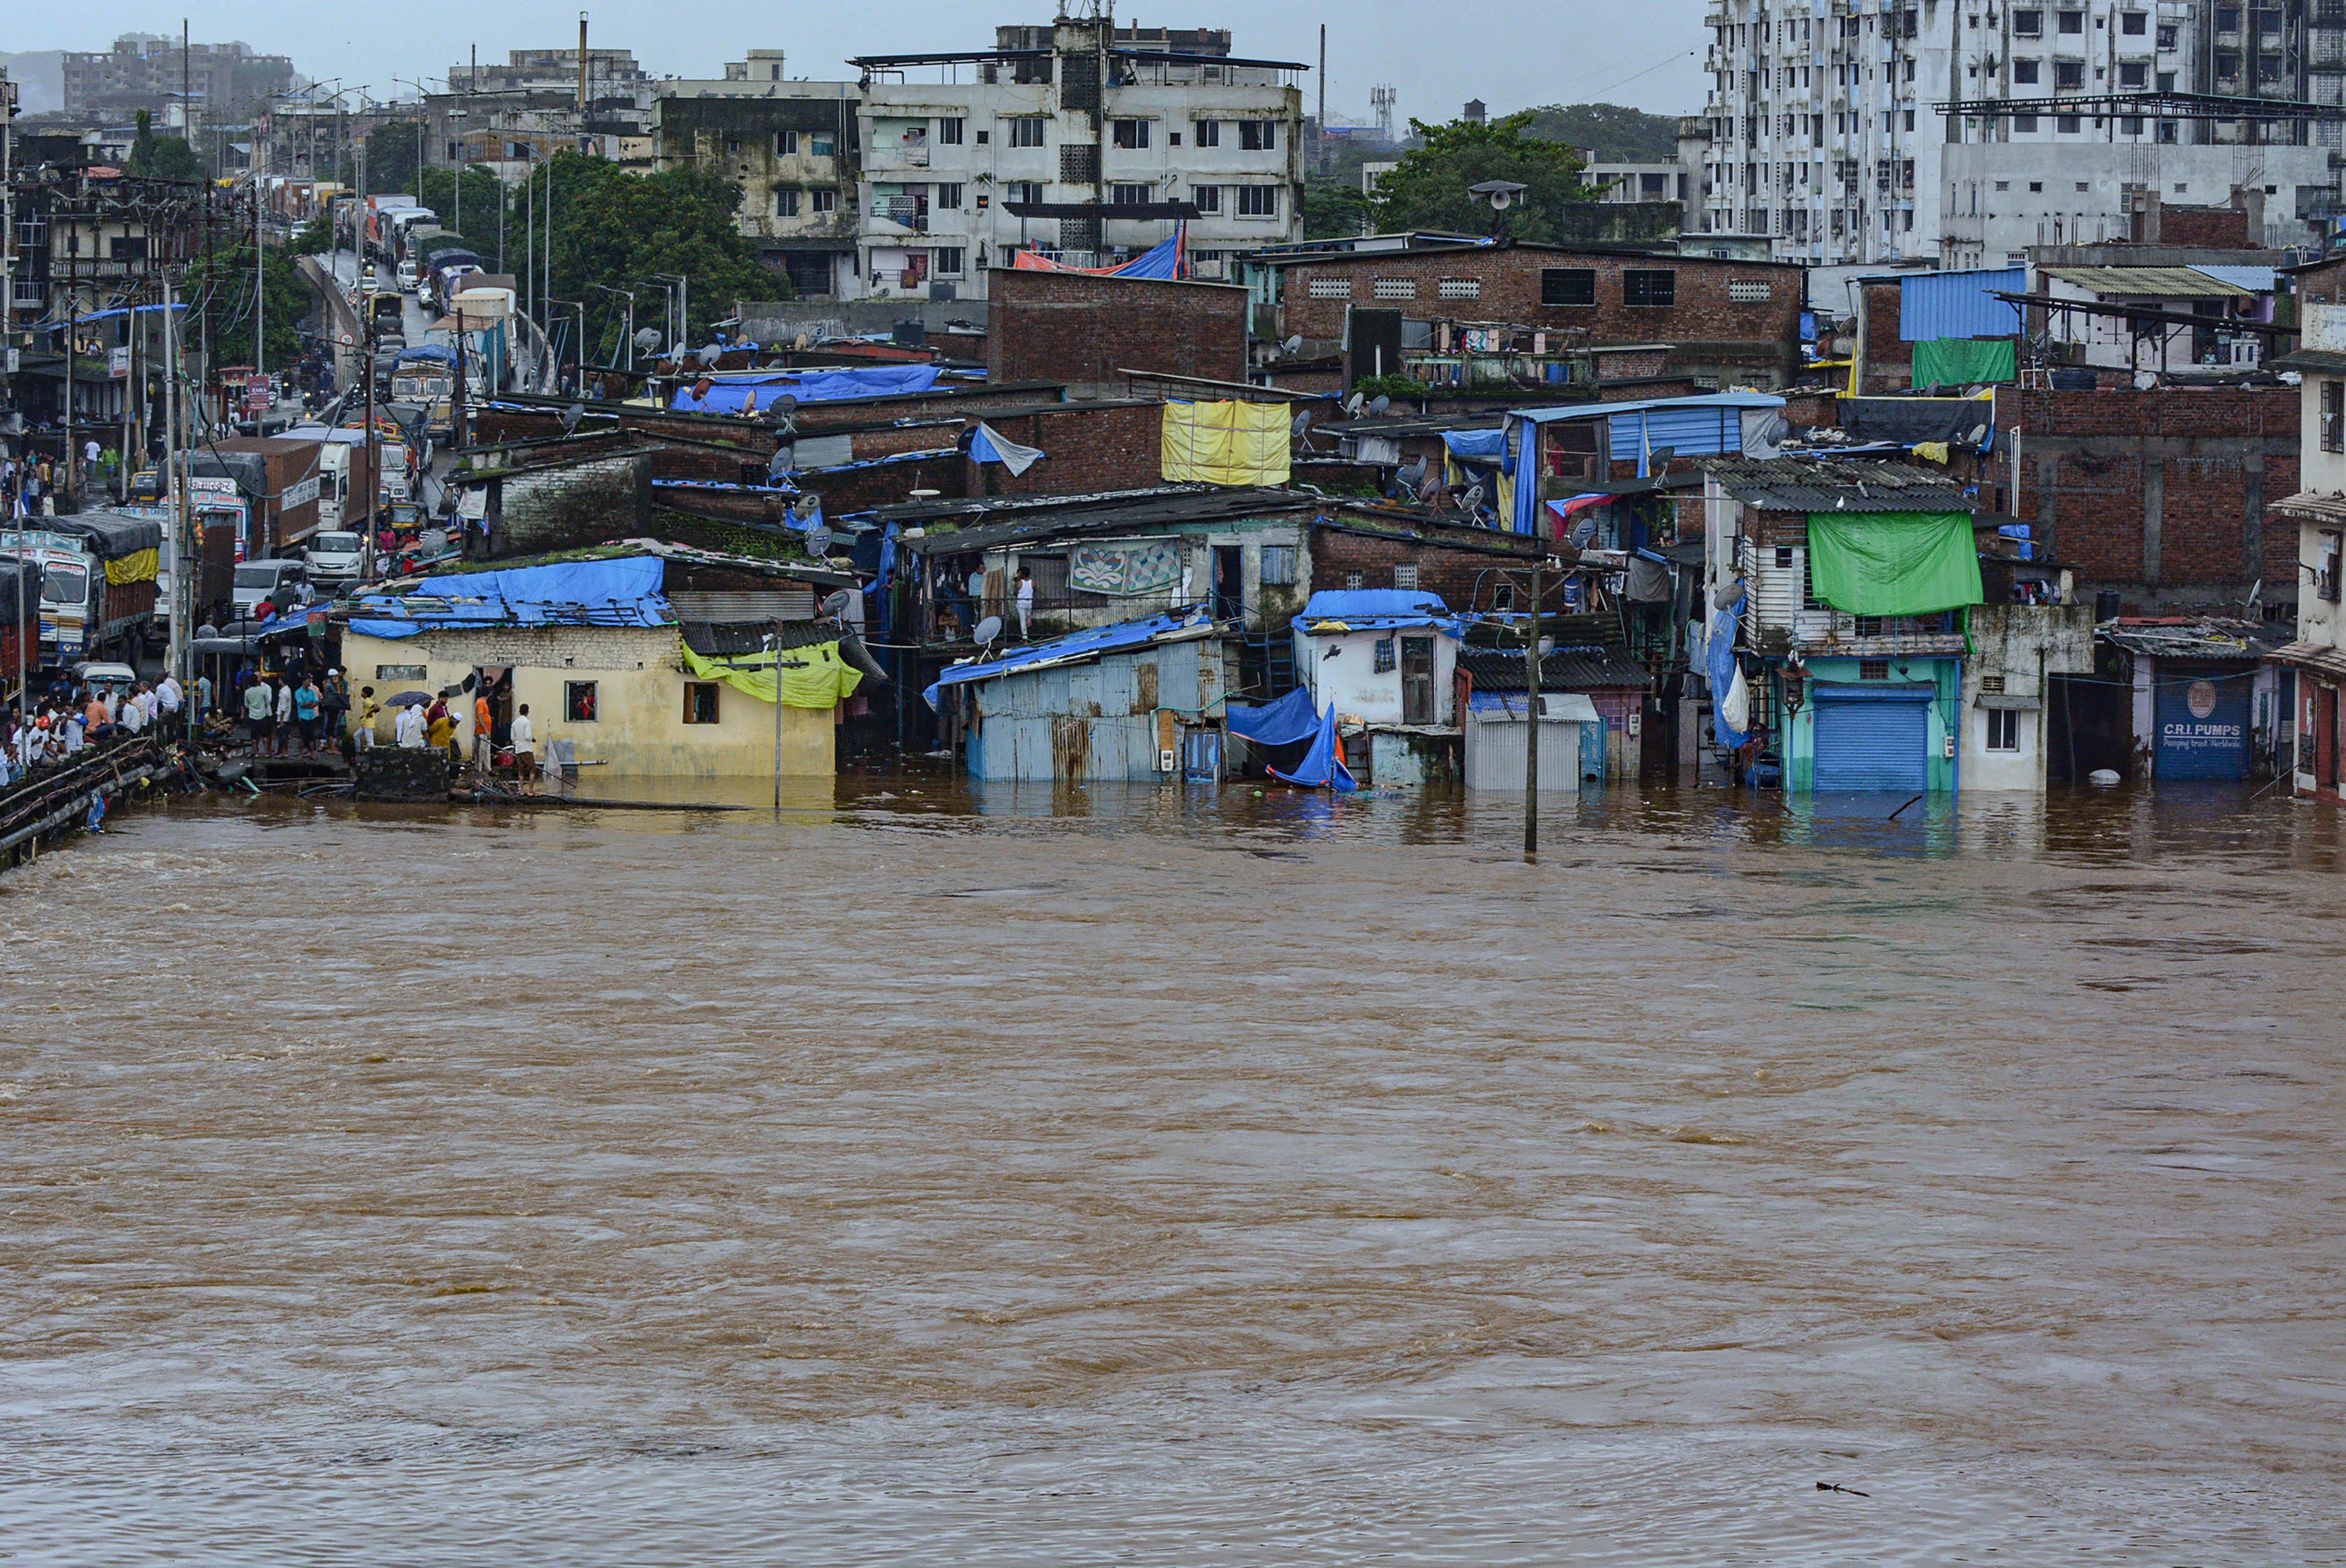 महाराष्ट्र में थाने शहर के भिवंडी इलाके में भारी बारिश के बाद निचले इलाकों में बने घरों में पानी घुस गया।